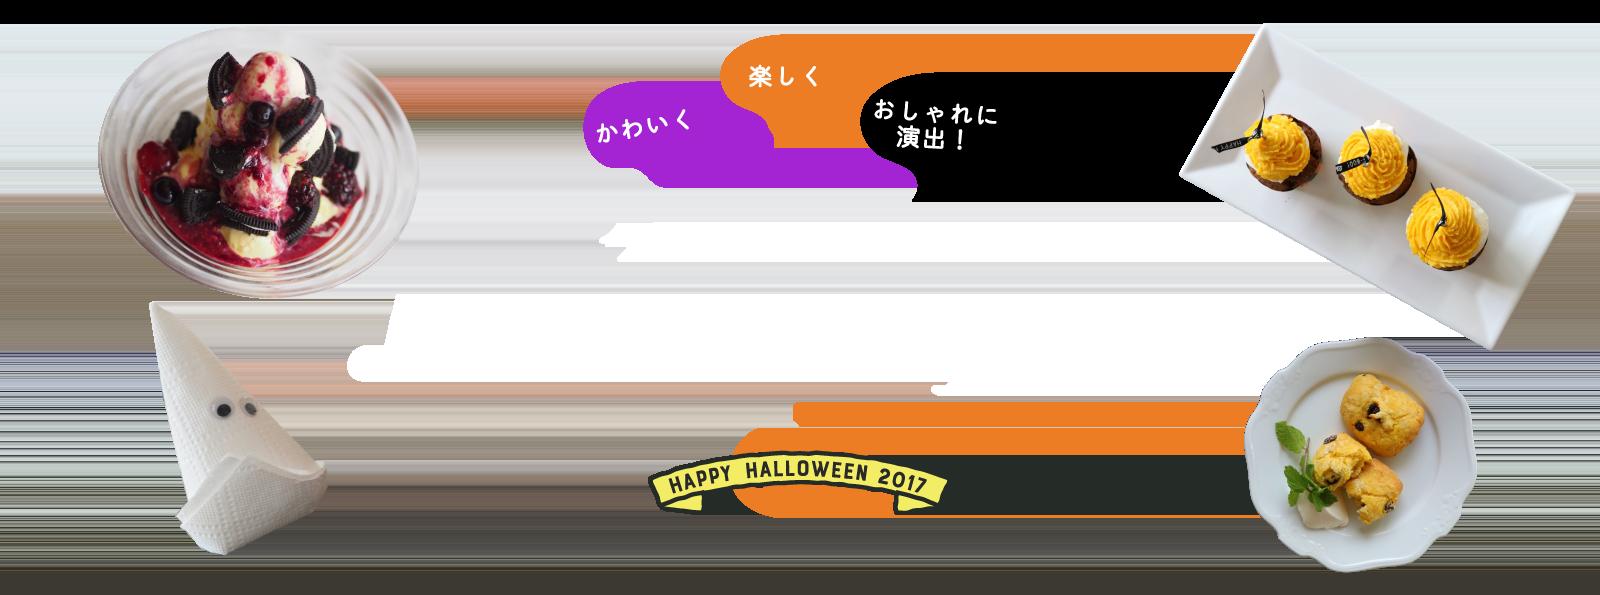 かわいく楽しくおしゃれに演出!今年はどう楽しむ?Happy Halloween recipe